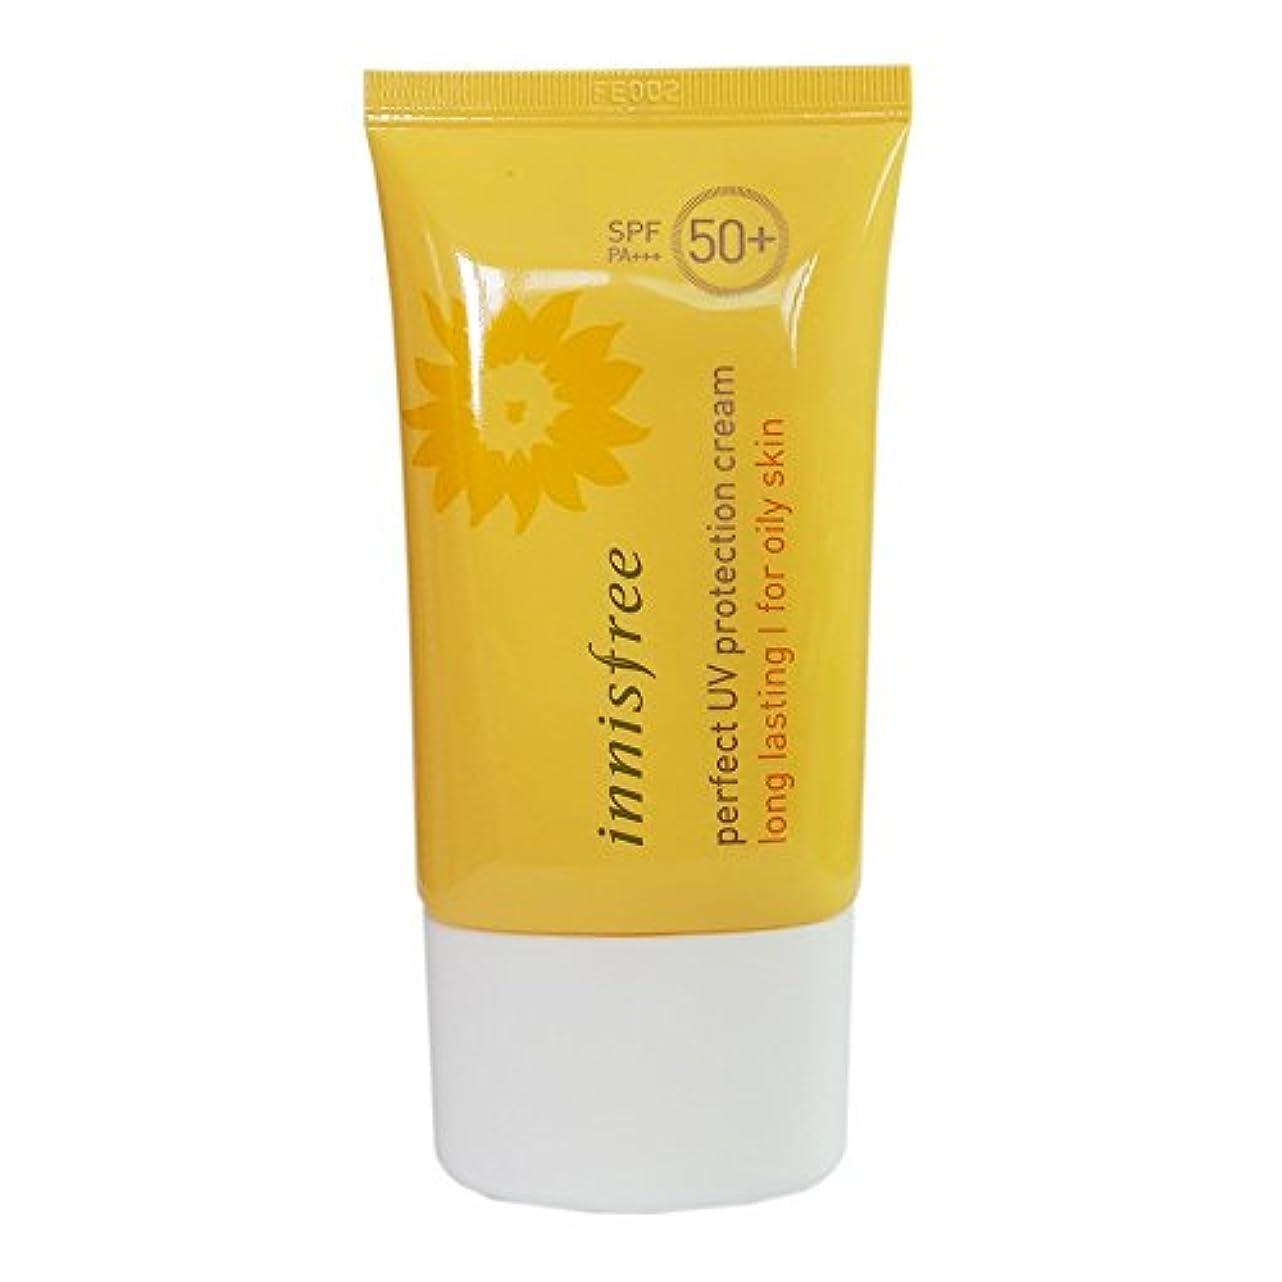 アライアンスビリーヤギ適合しました[イニスプリー]Innisfree パーフェクトUVプロテクションクリームロング?ラスティング 脂複合性肌用 SPF50+PA+++ 50ml Innisfree Perfect UV Protection Cream...